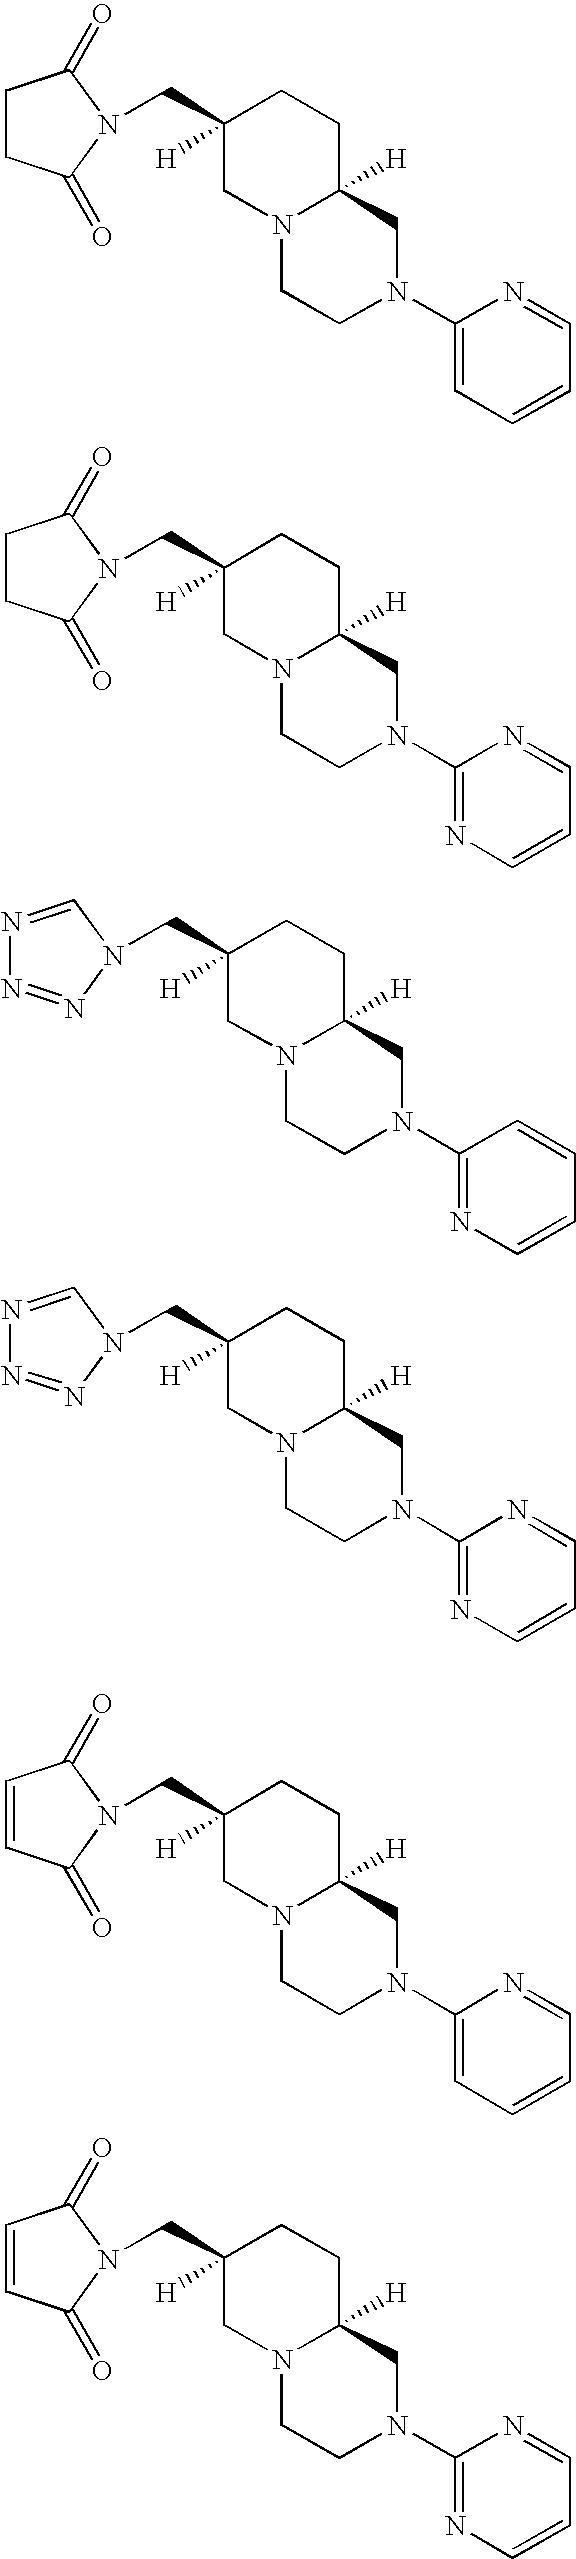 Figure US20100009983A1-20100114-C00153